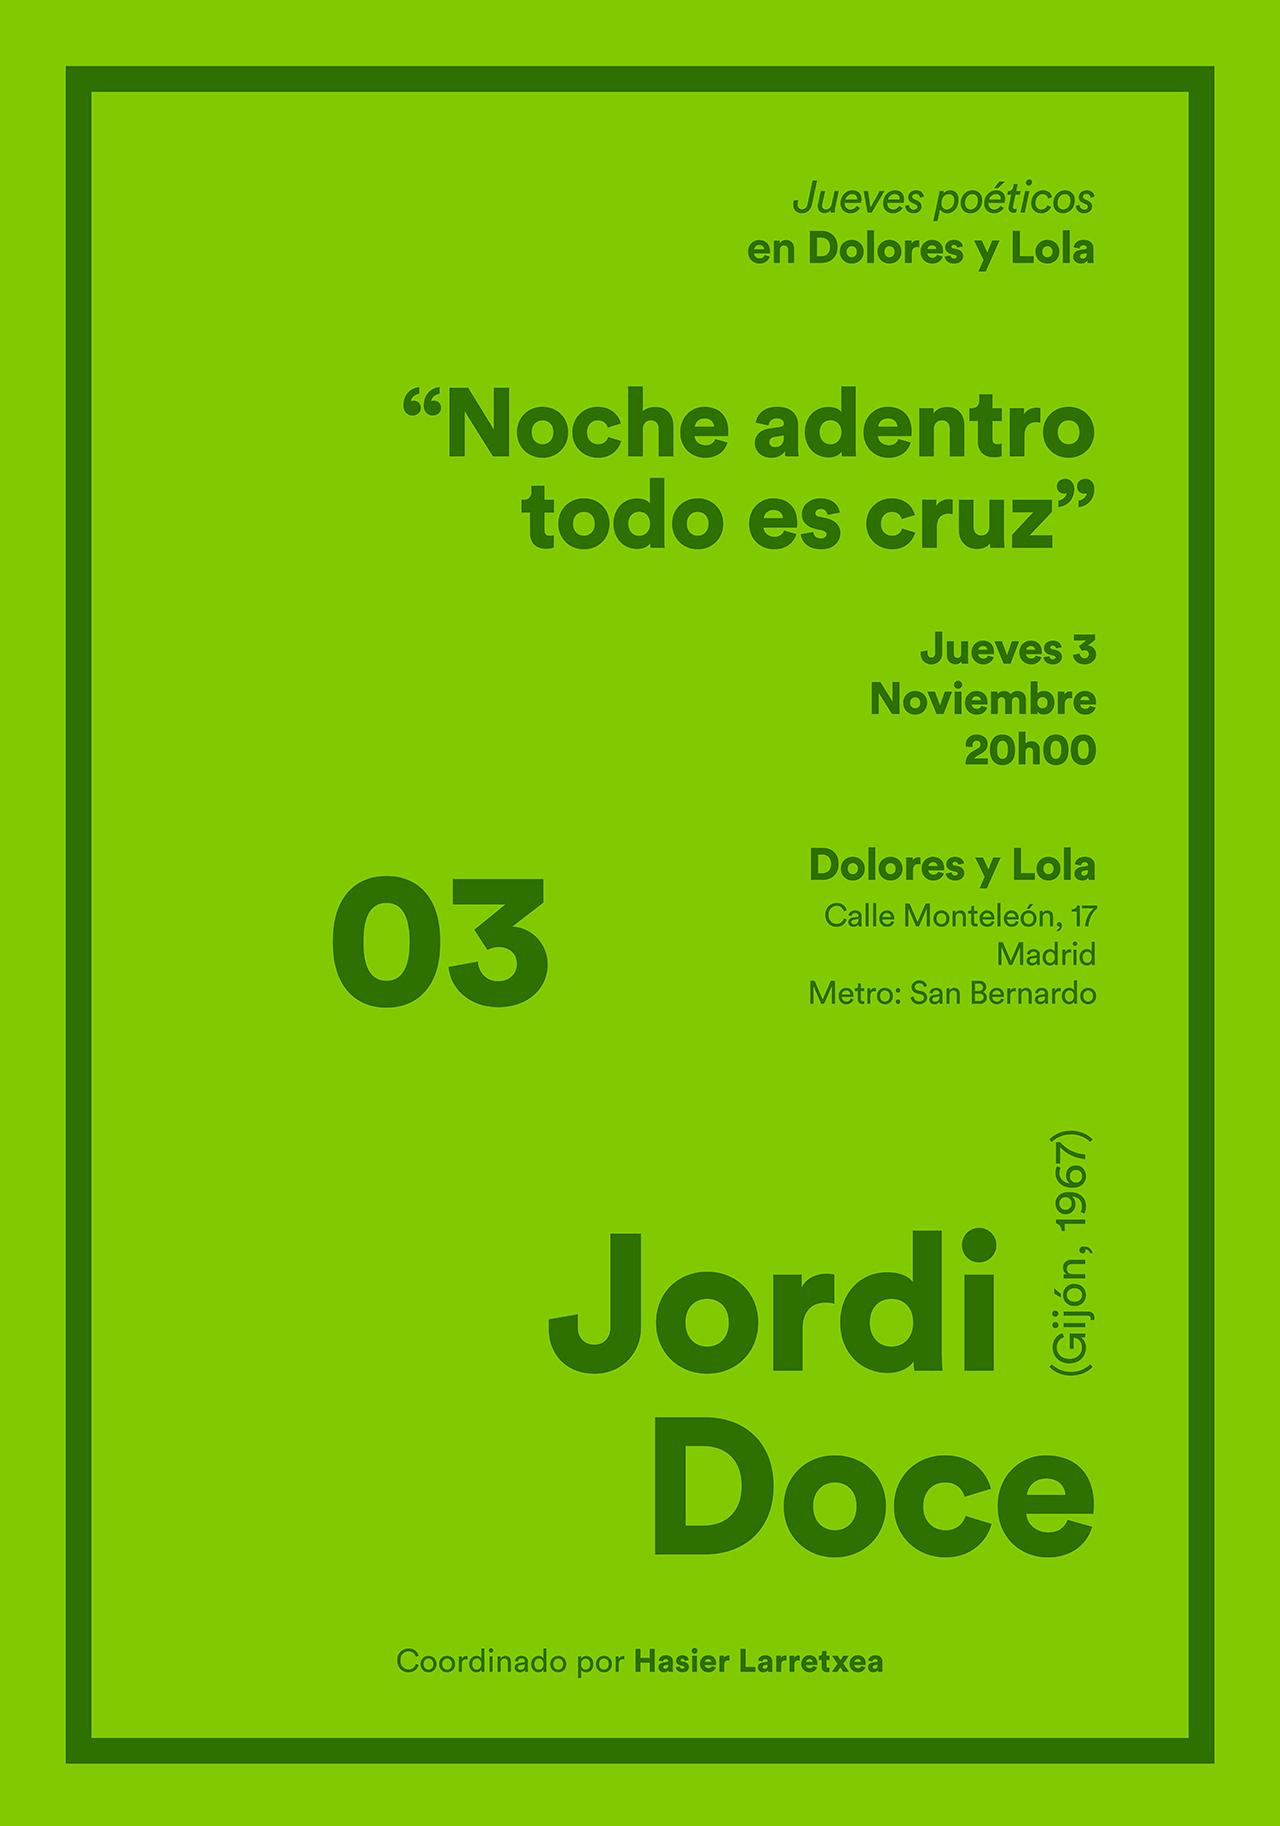 03_jordi_poster